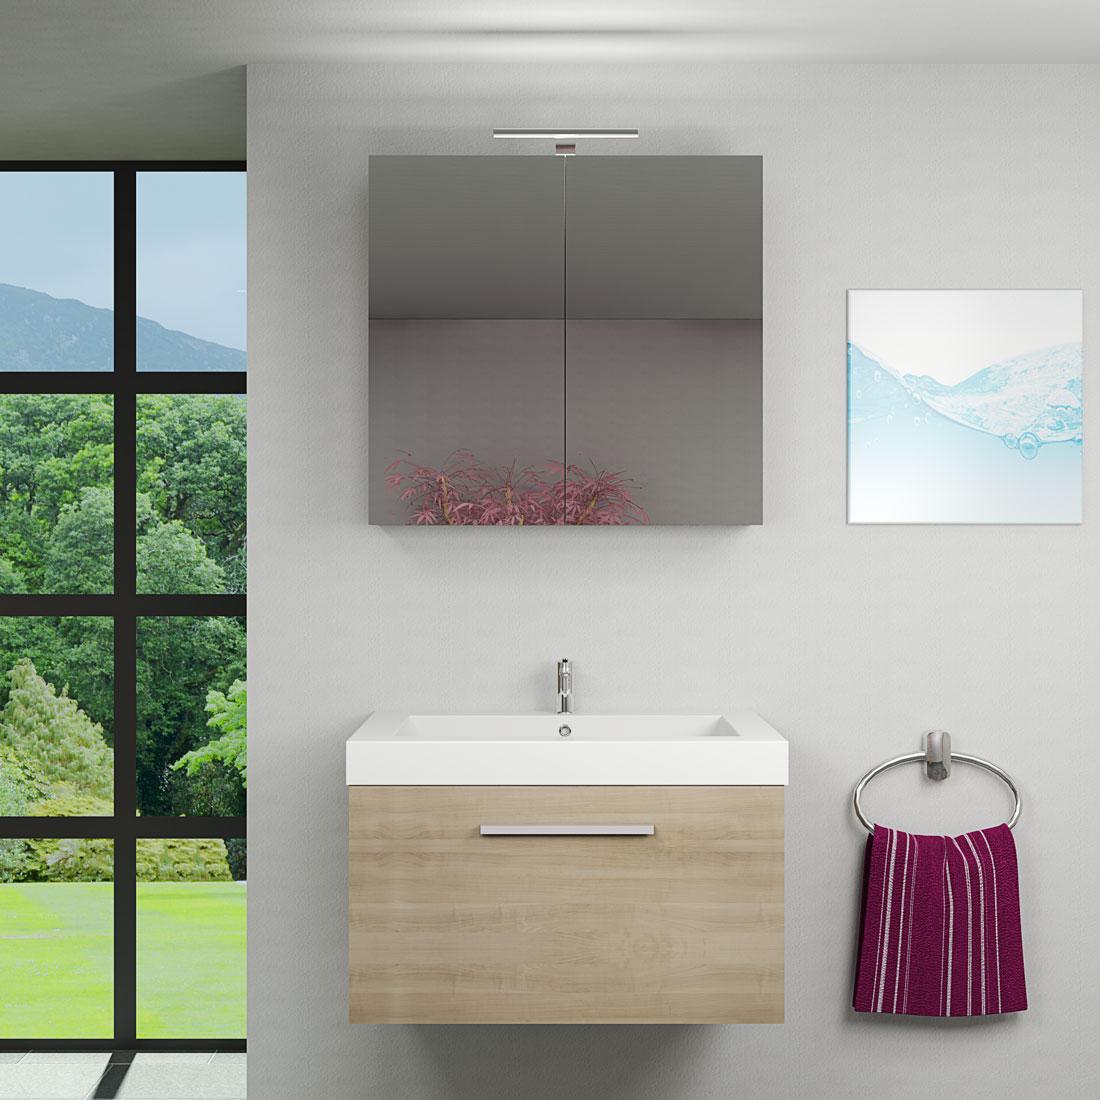 Spiegelschrank, Badspiegel, Badezimmer Spiegel City 100